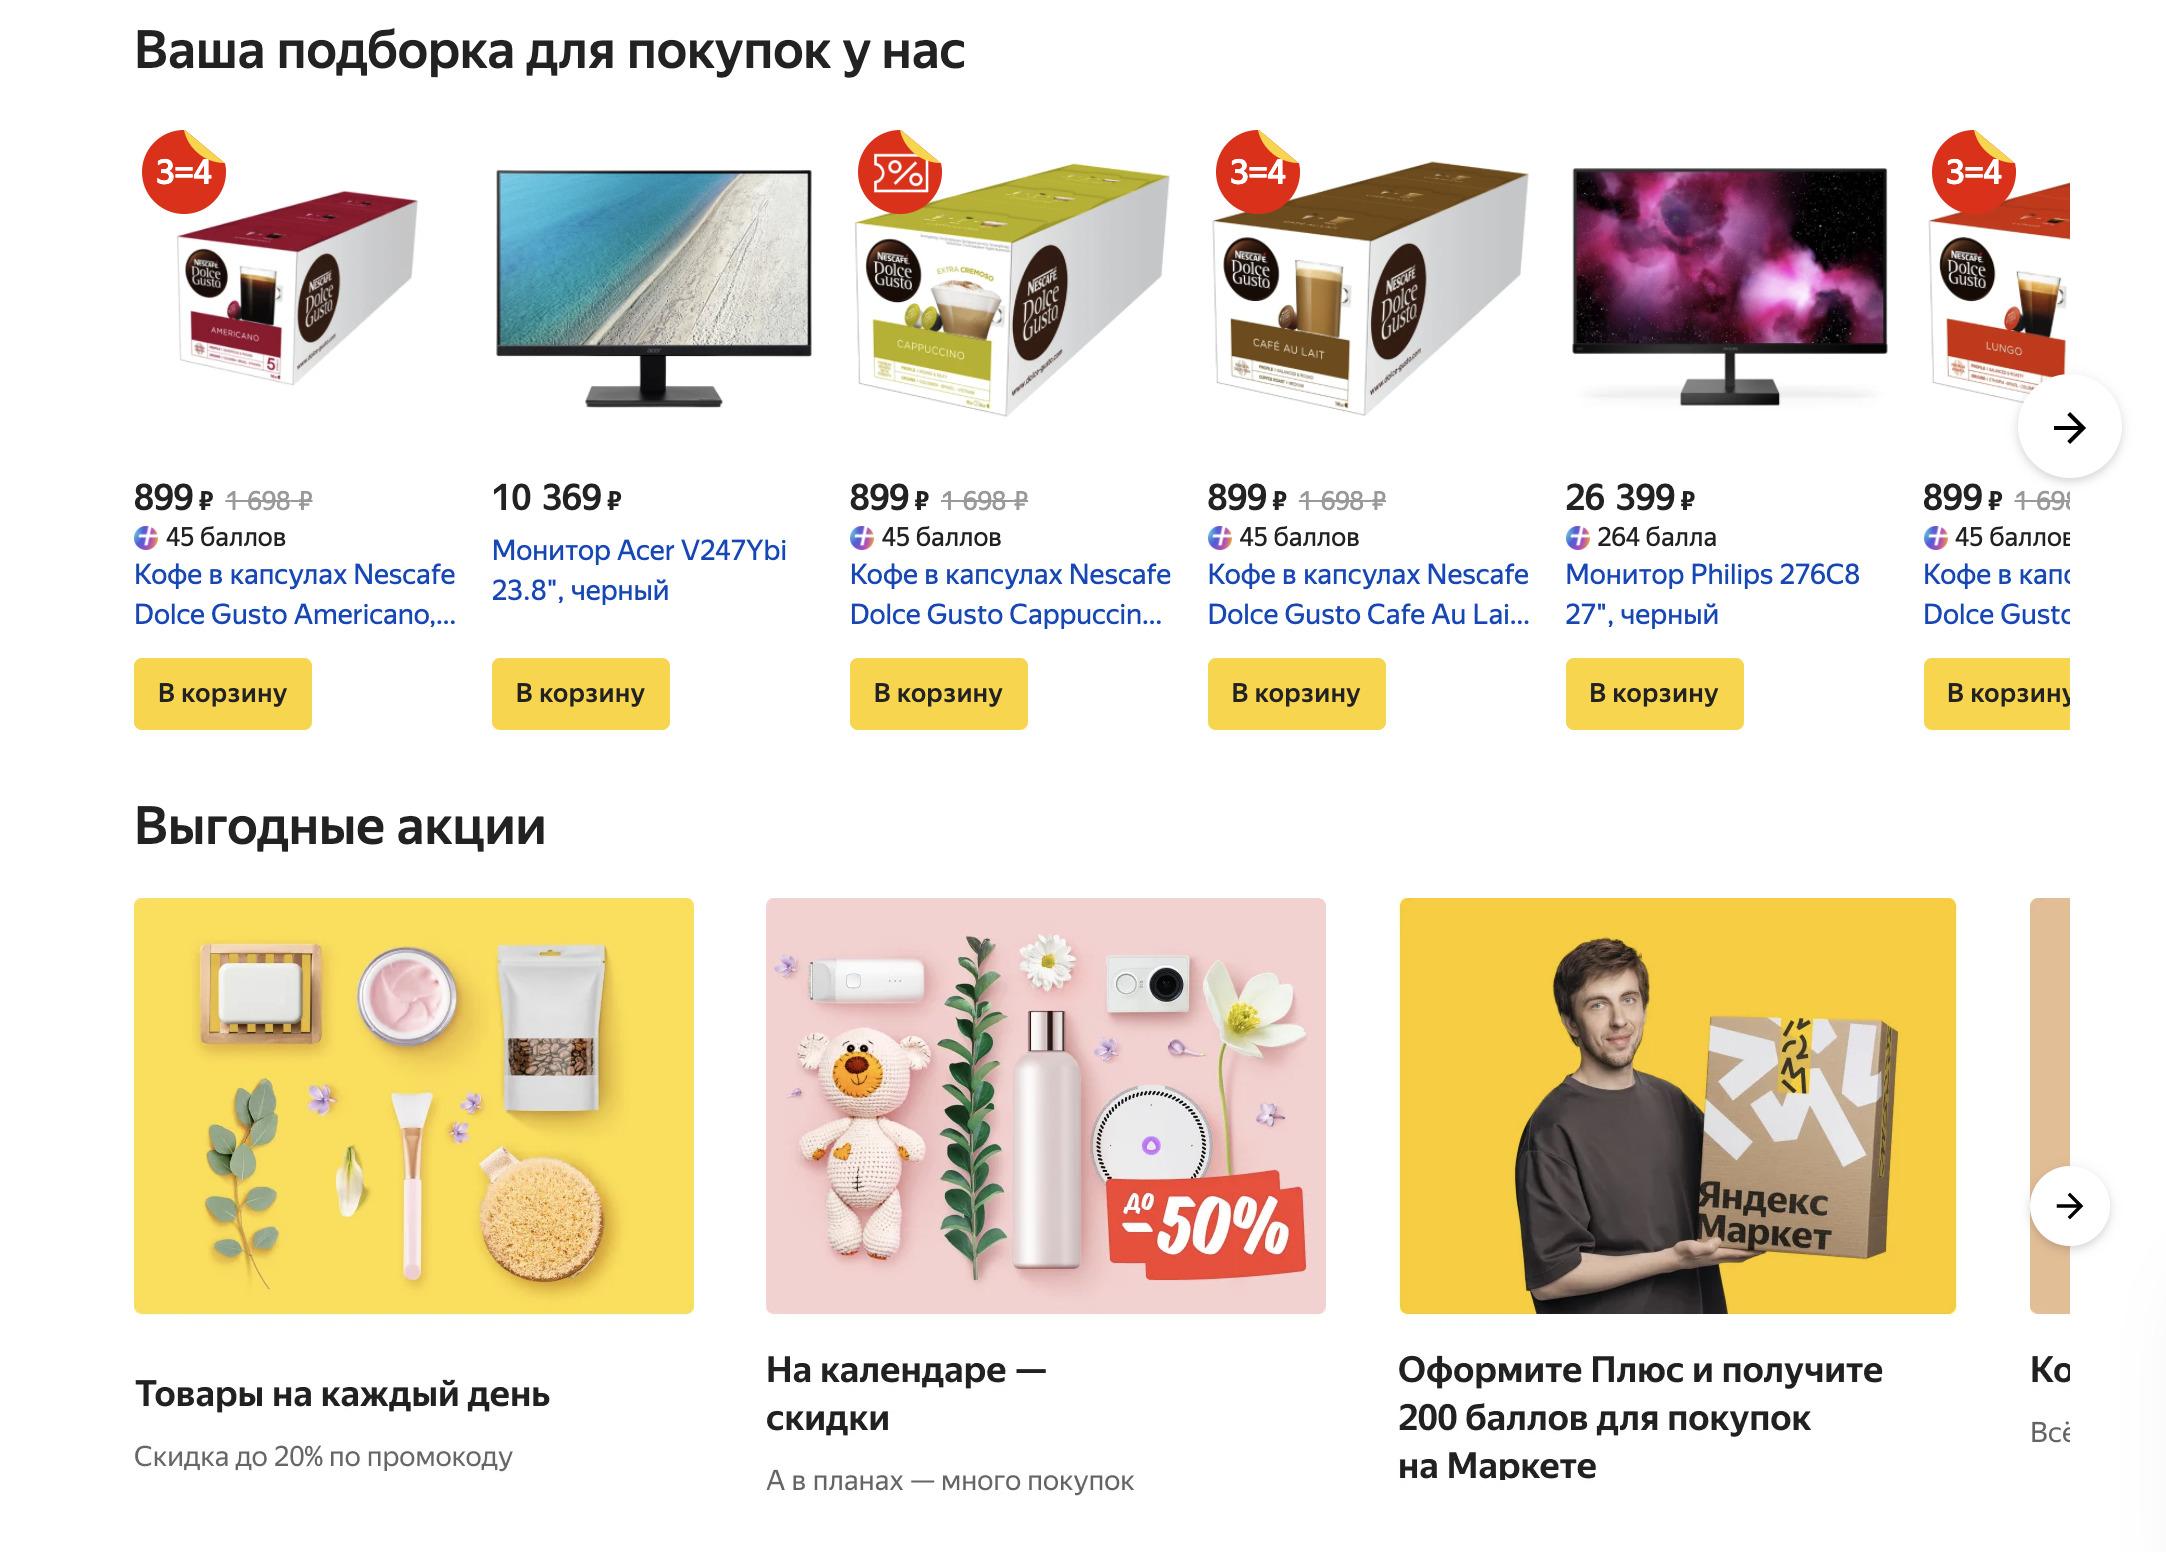 Доставка из Яндекс.Маркет в Березовский, сроки, пункты выдачи, каталог